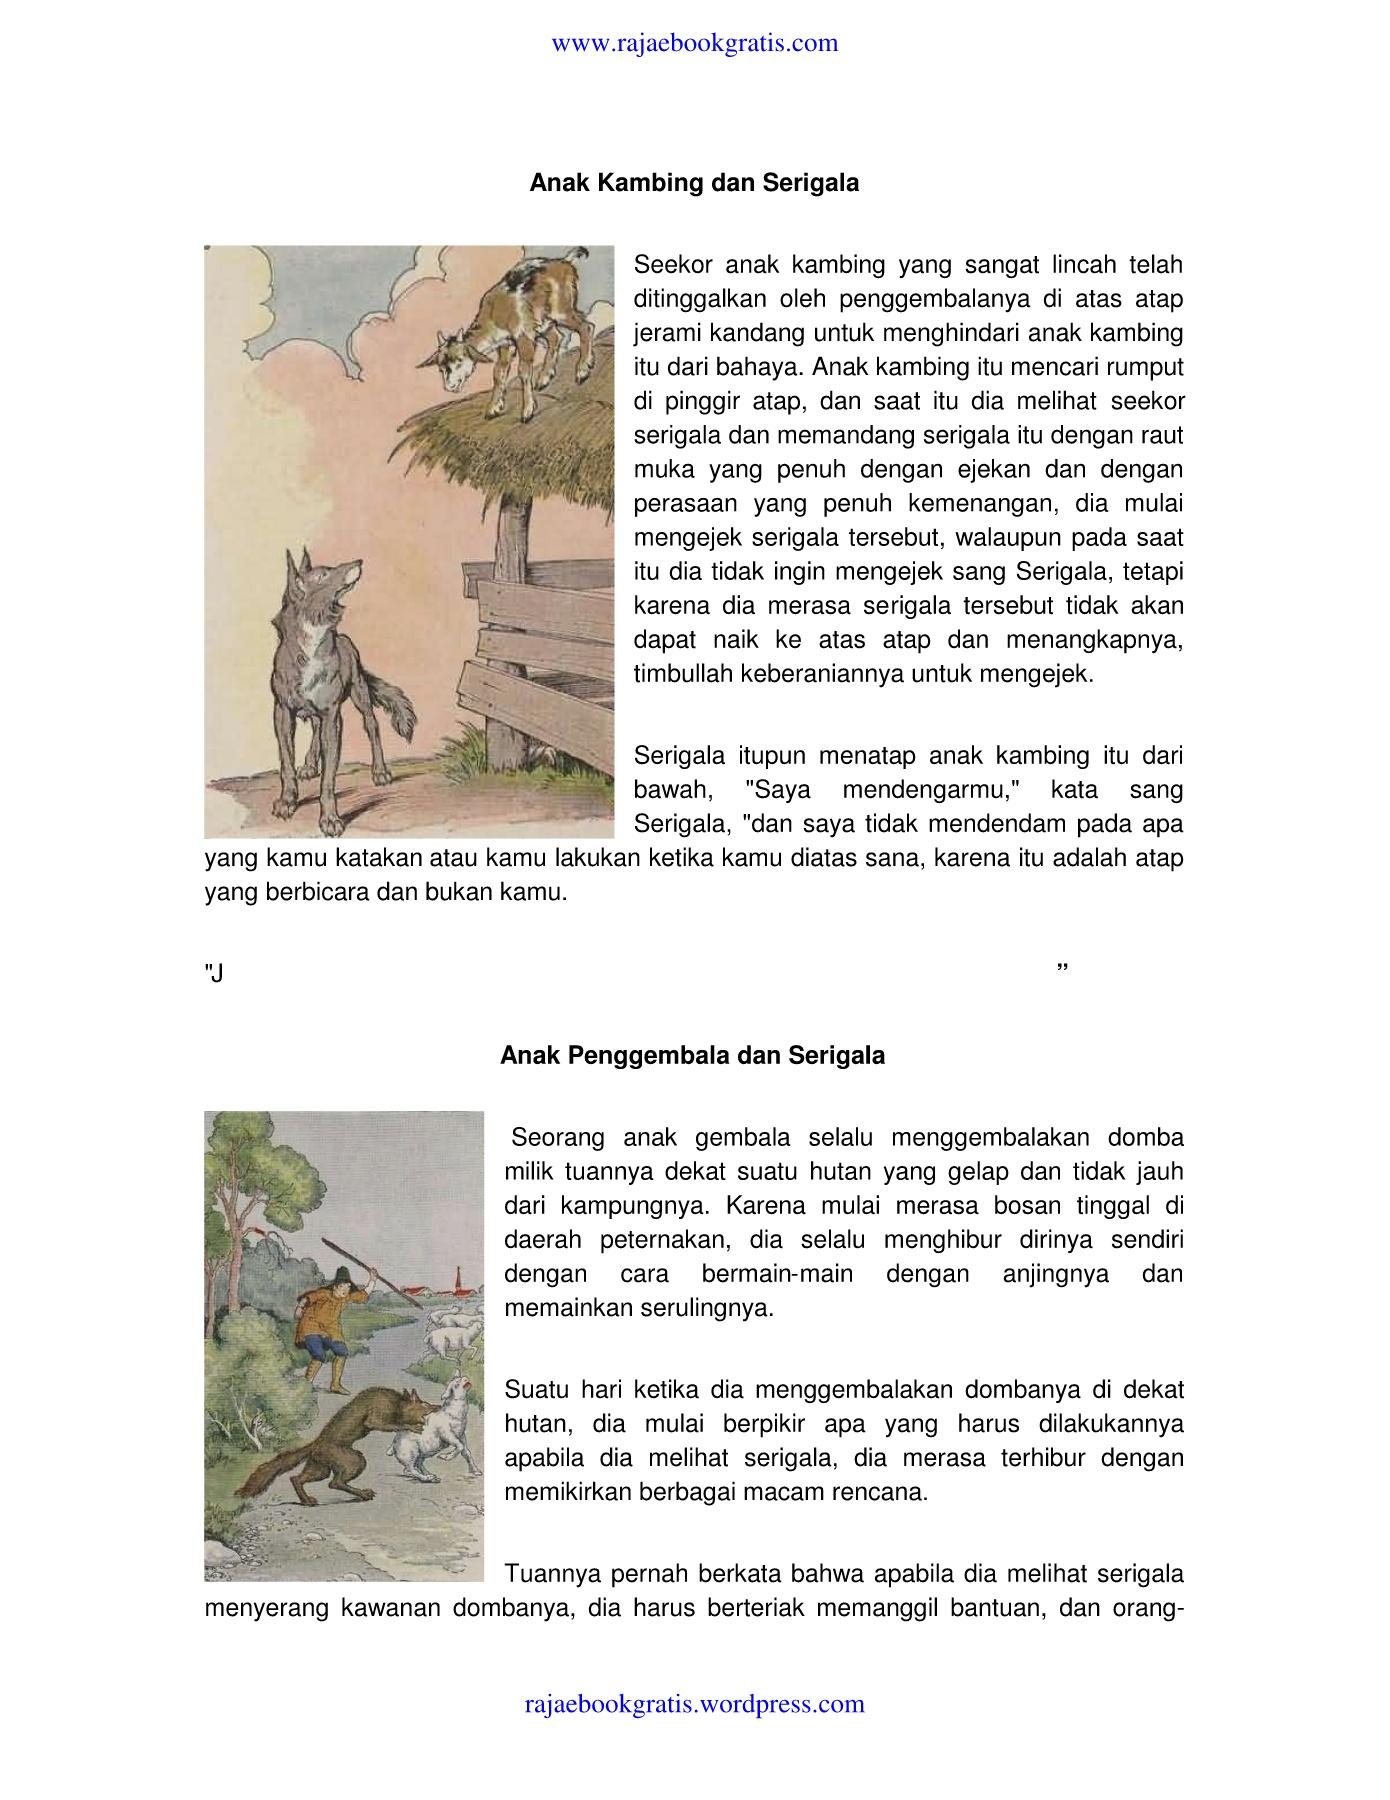 Gambar Cerita Fabel : gambar, cerita, fabel, Dongeng, Fabel